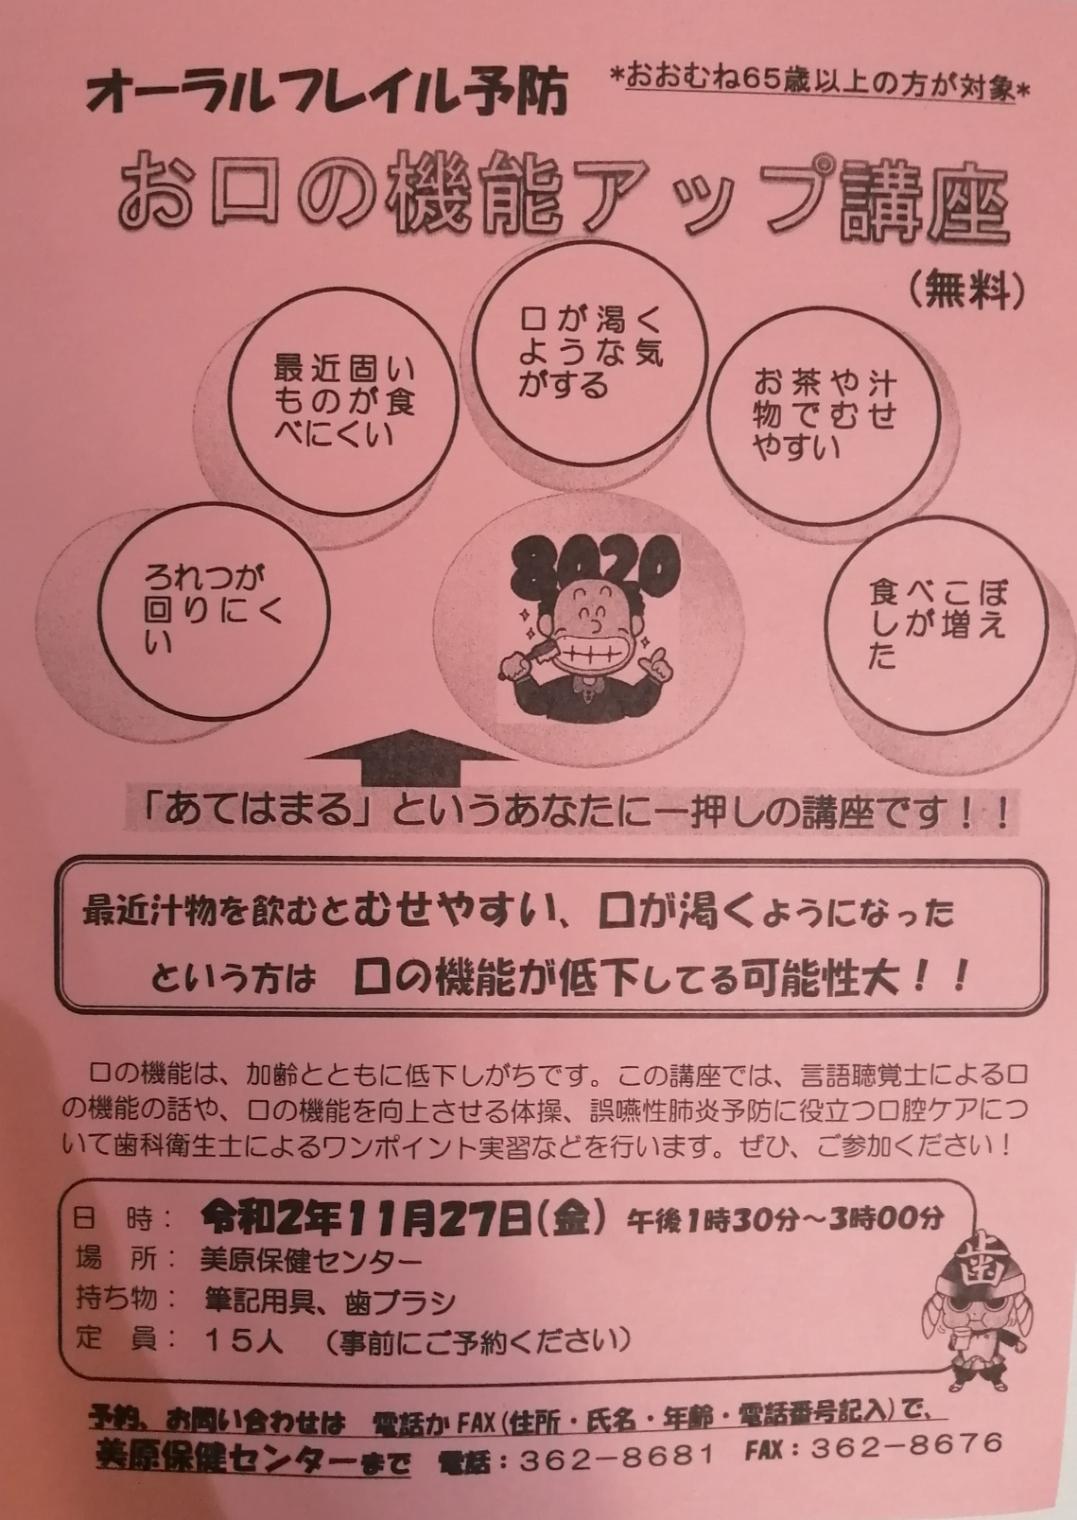 【2020.11/27(金)開催】堺市美原区・美原保健センターで『オーラルフレイル予防 お口の機能アップ講座』開催: